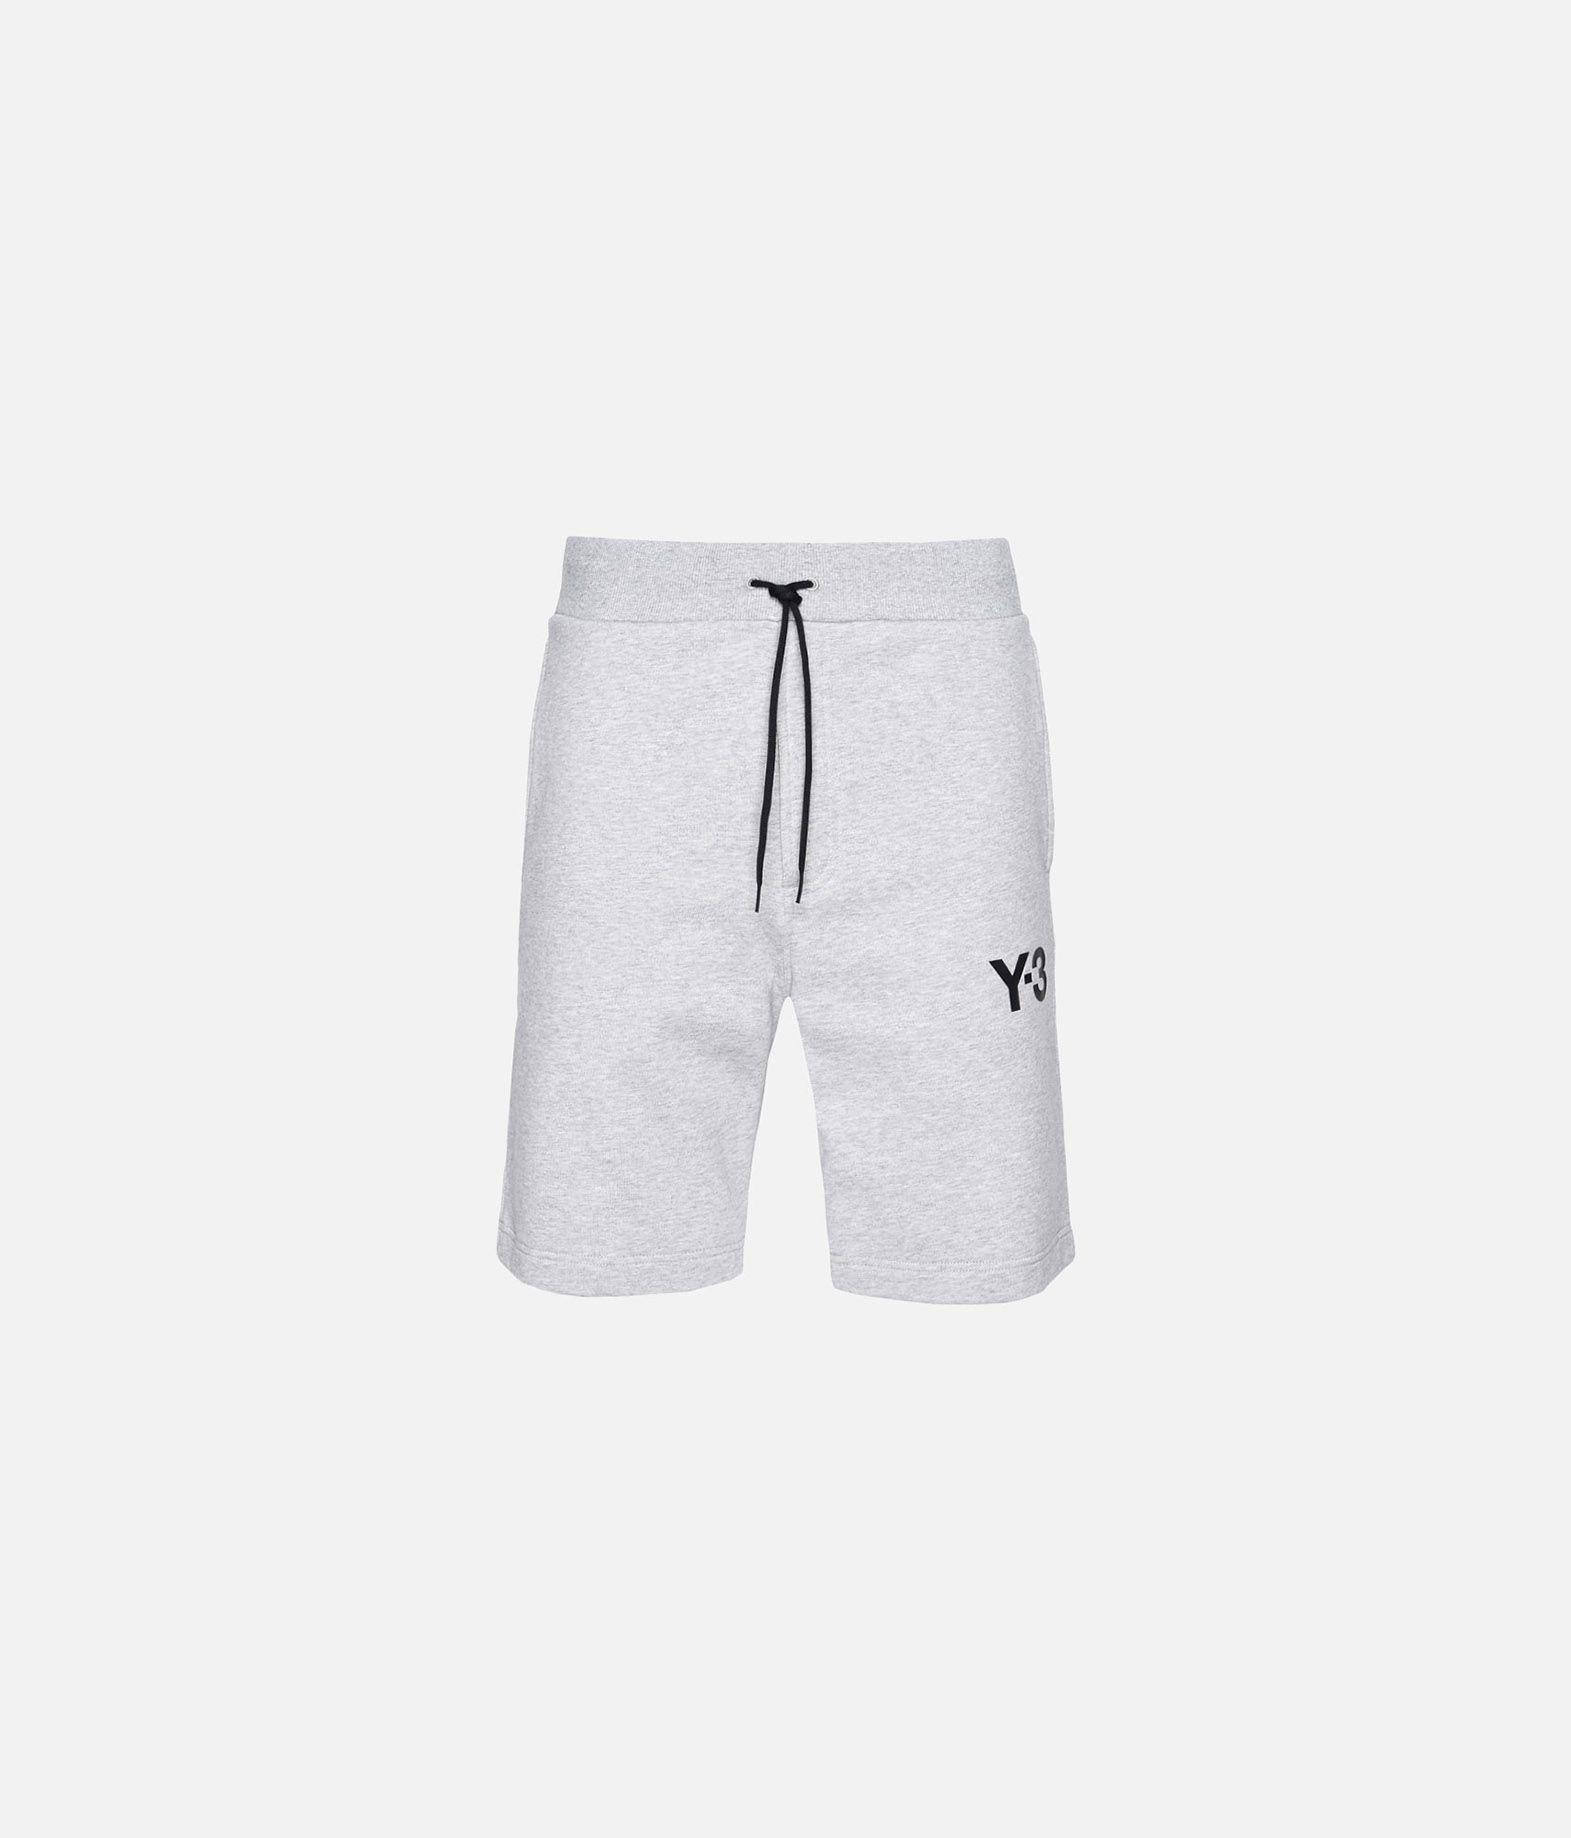 Y-3 Y-3 Classic Shorts Shorts Man f